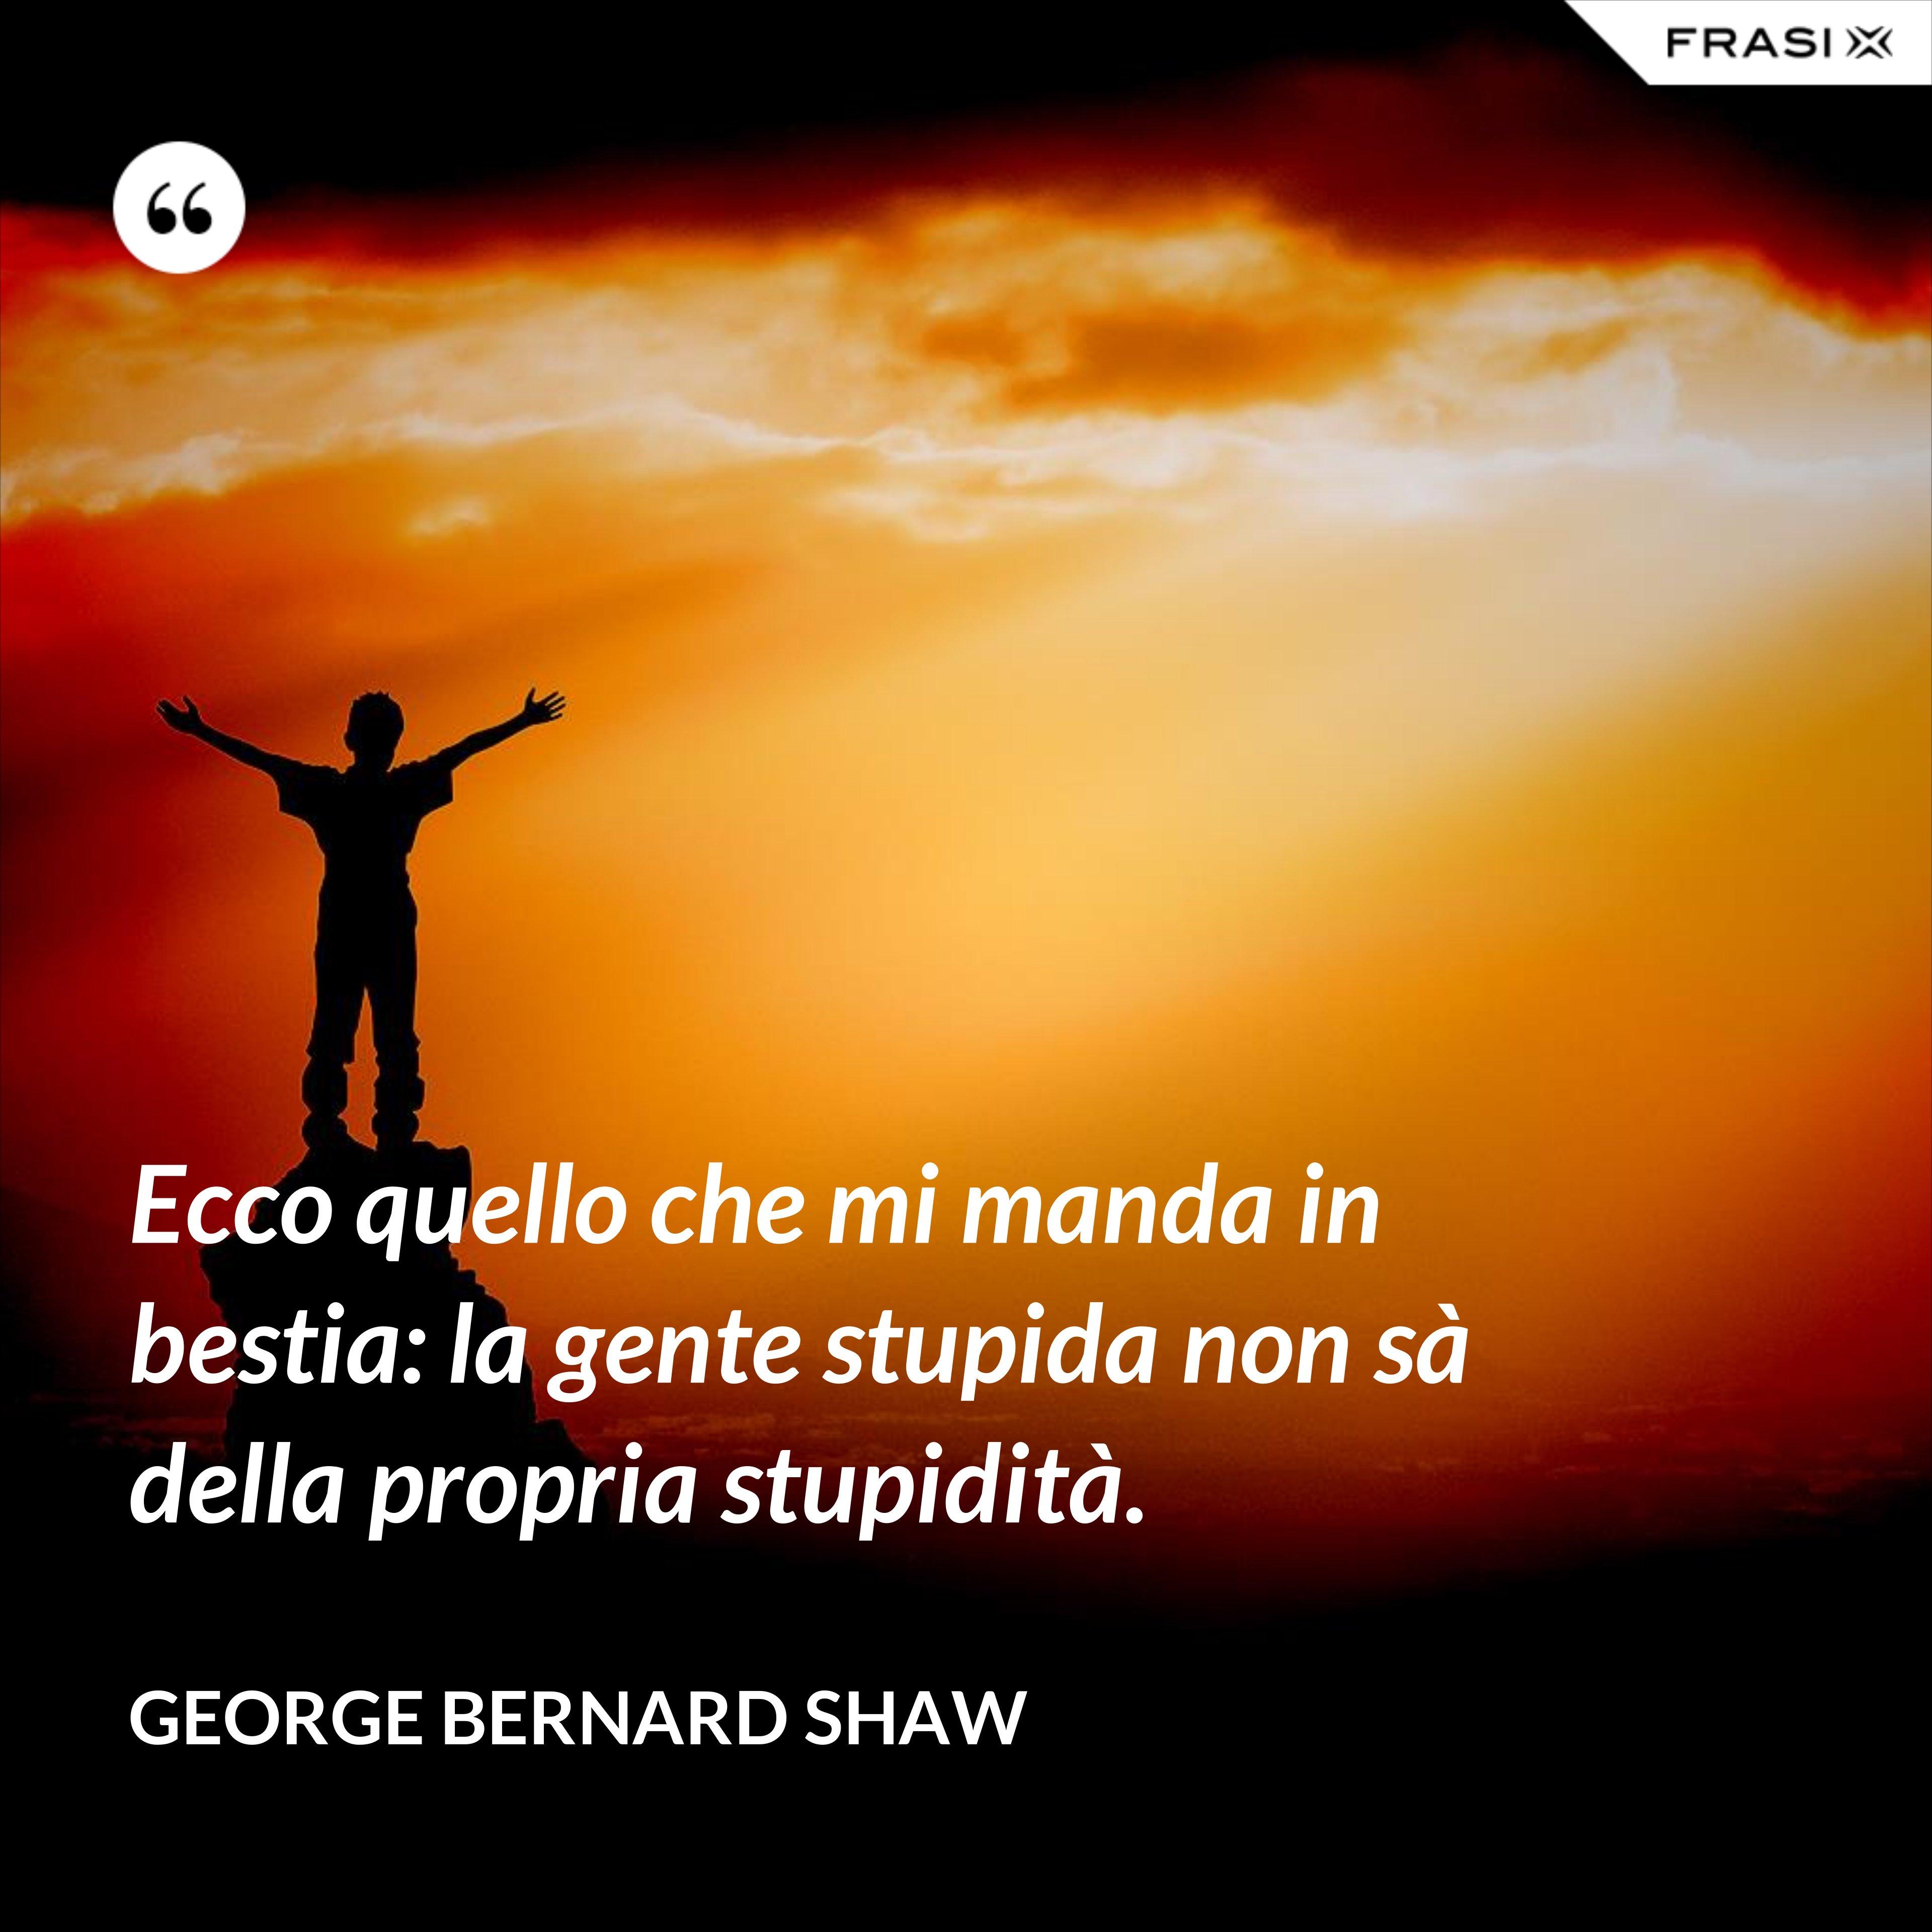 Ecco quello che mi manda in bestia: la gente stupida non sà della propria stupidità. - George Bernard Shaw